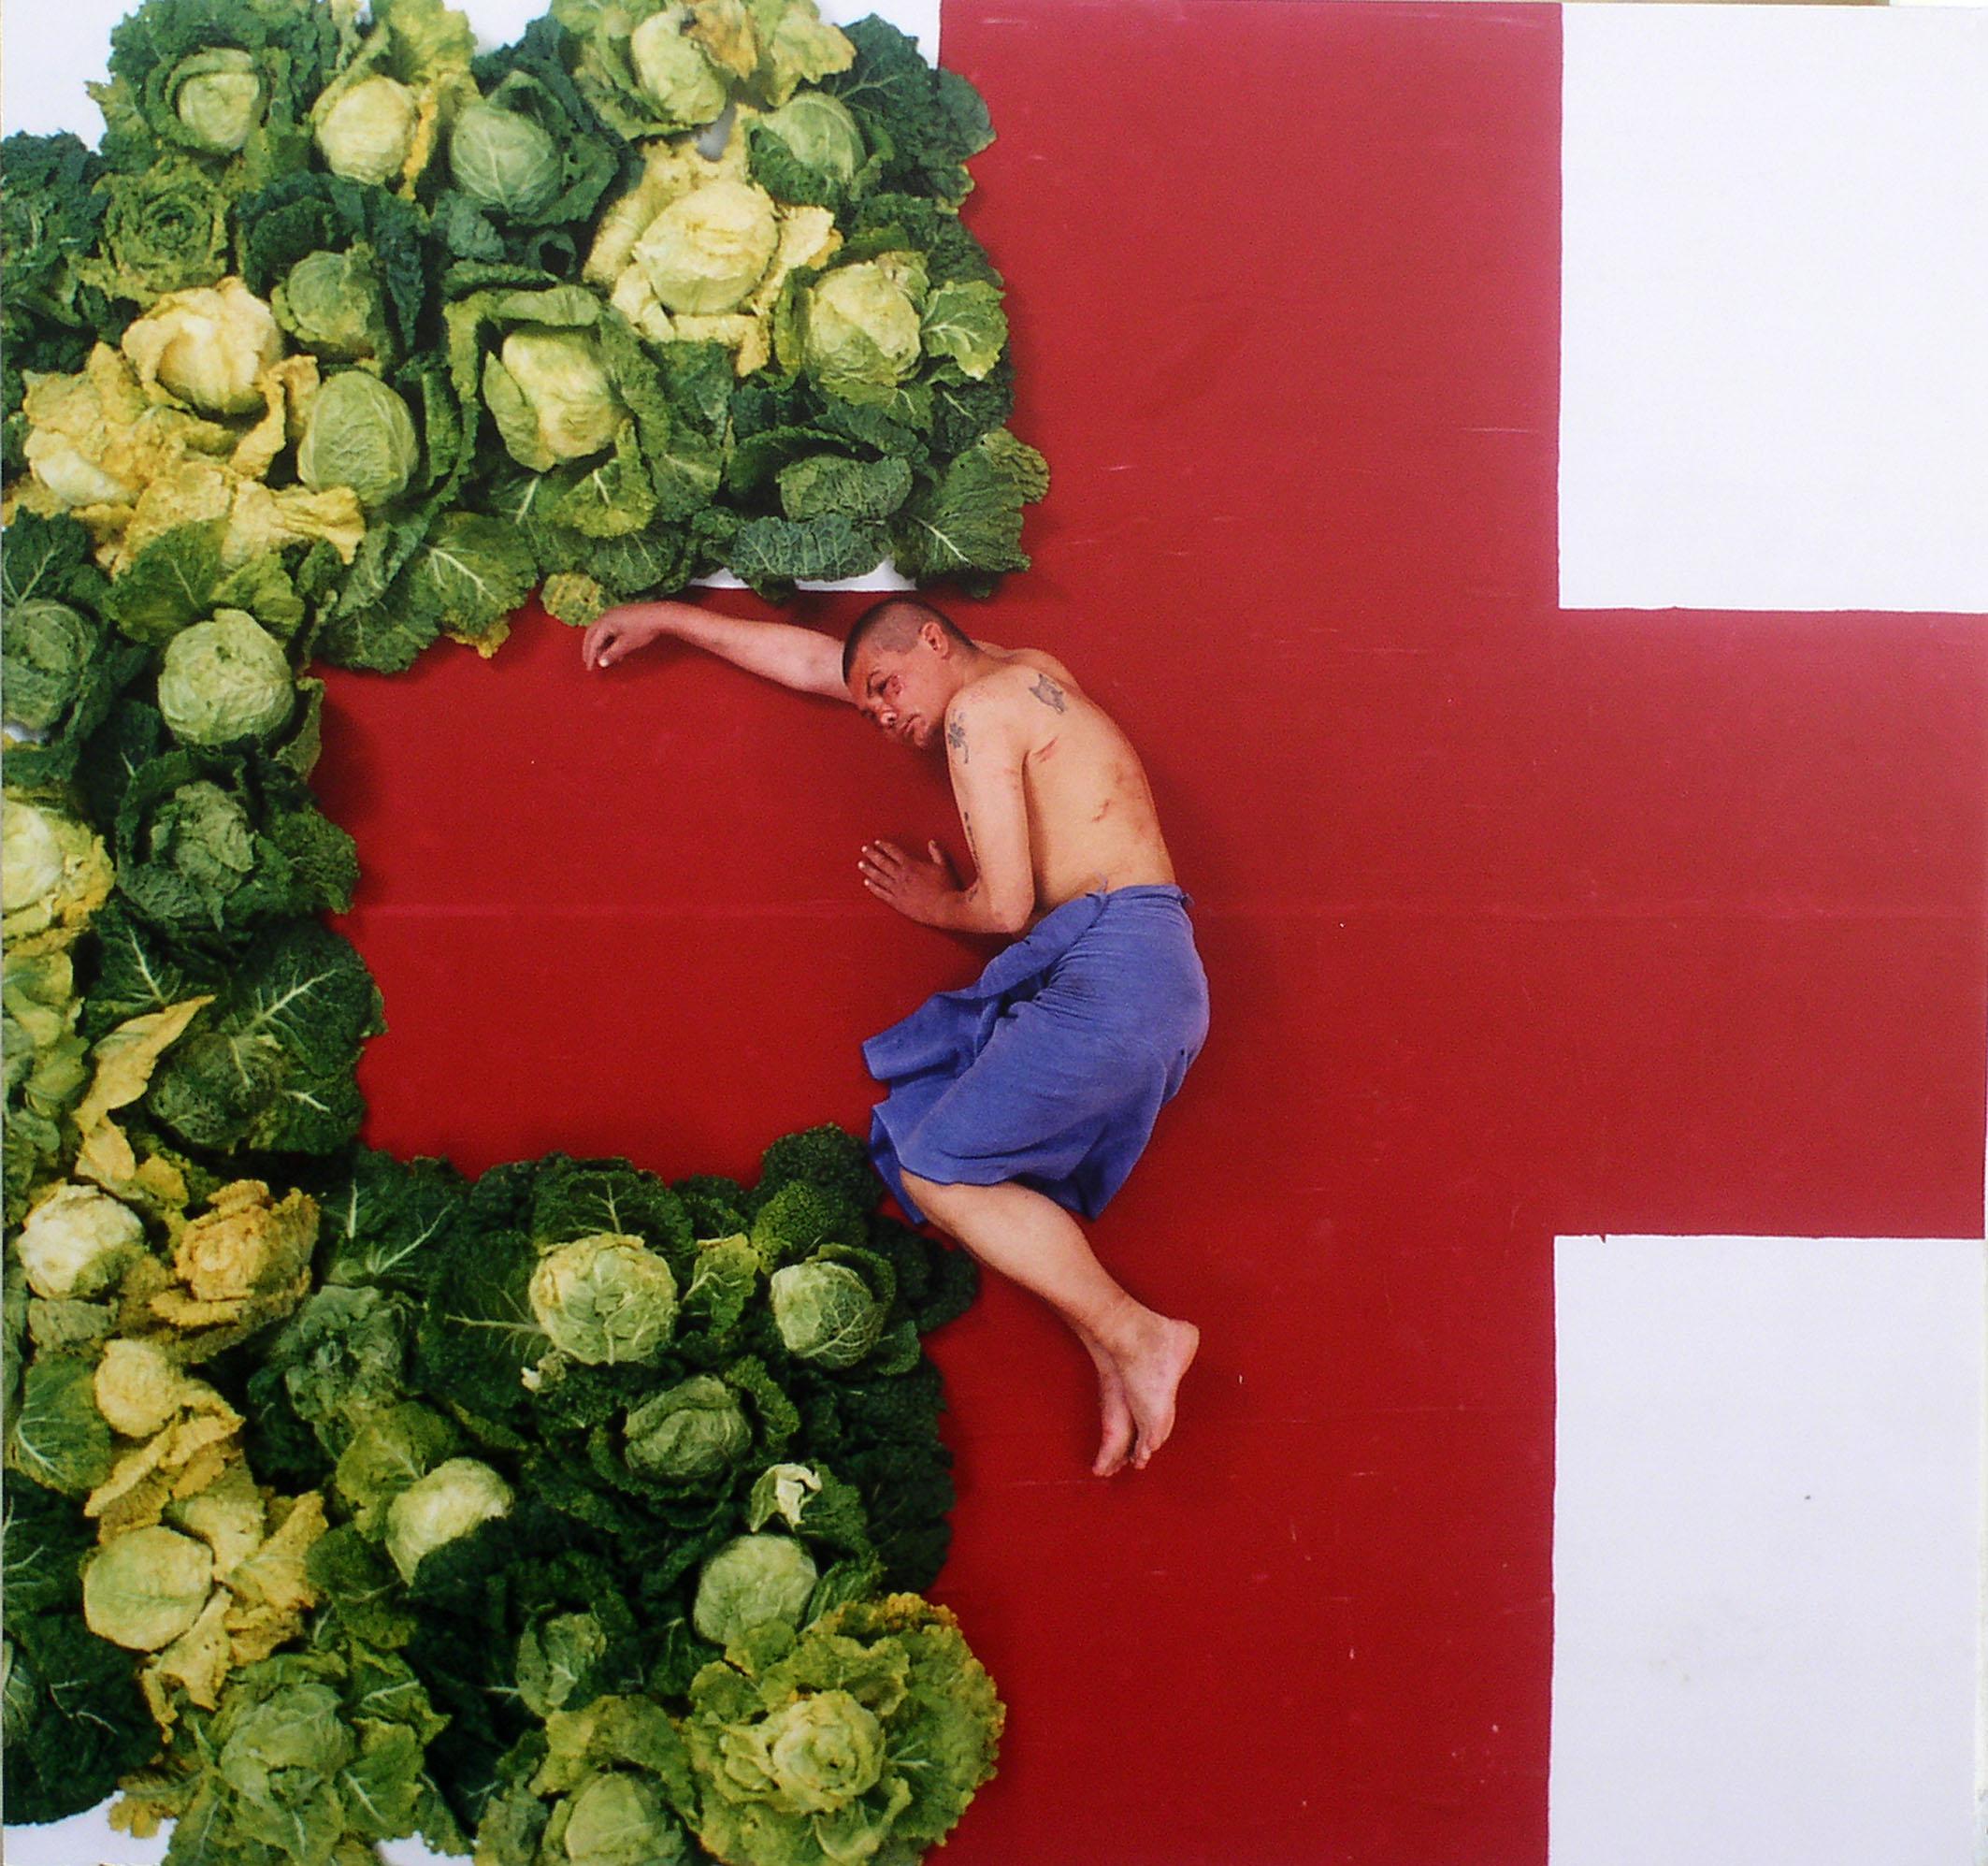 Pół nagi mężczyzna, leżący na tle czerwonego krzyża i otoczonego głowami kapusty